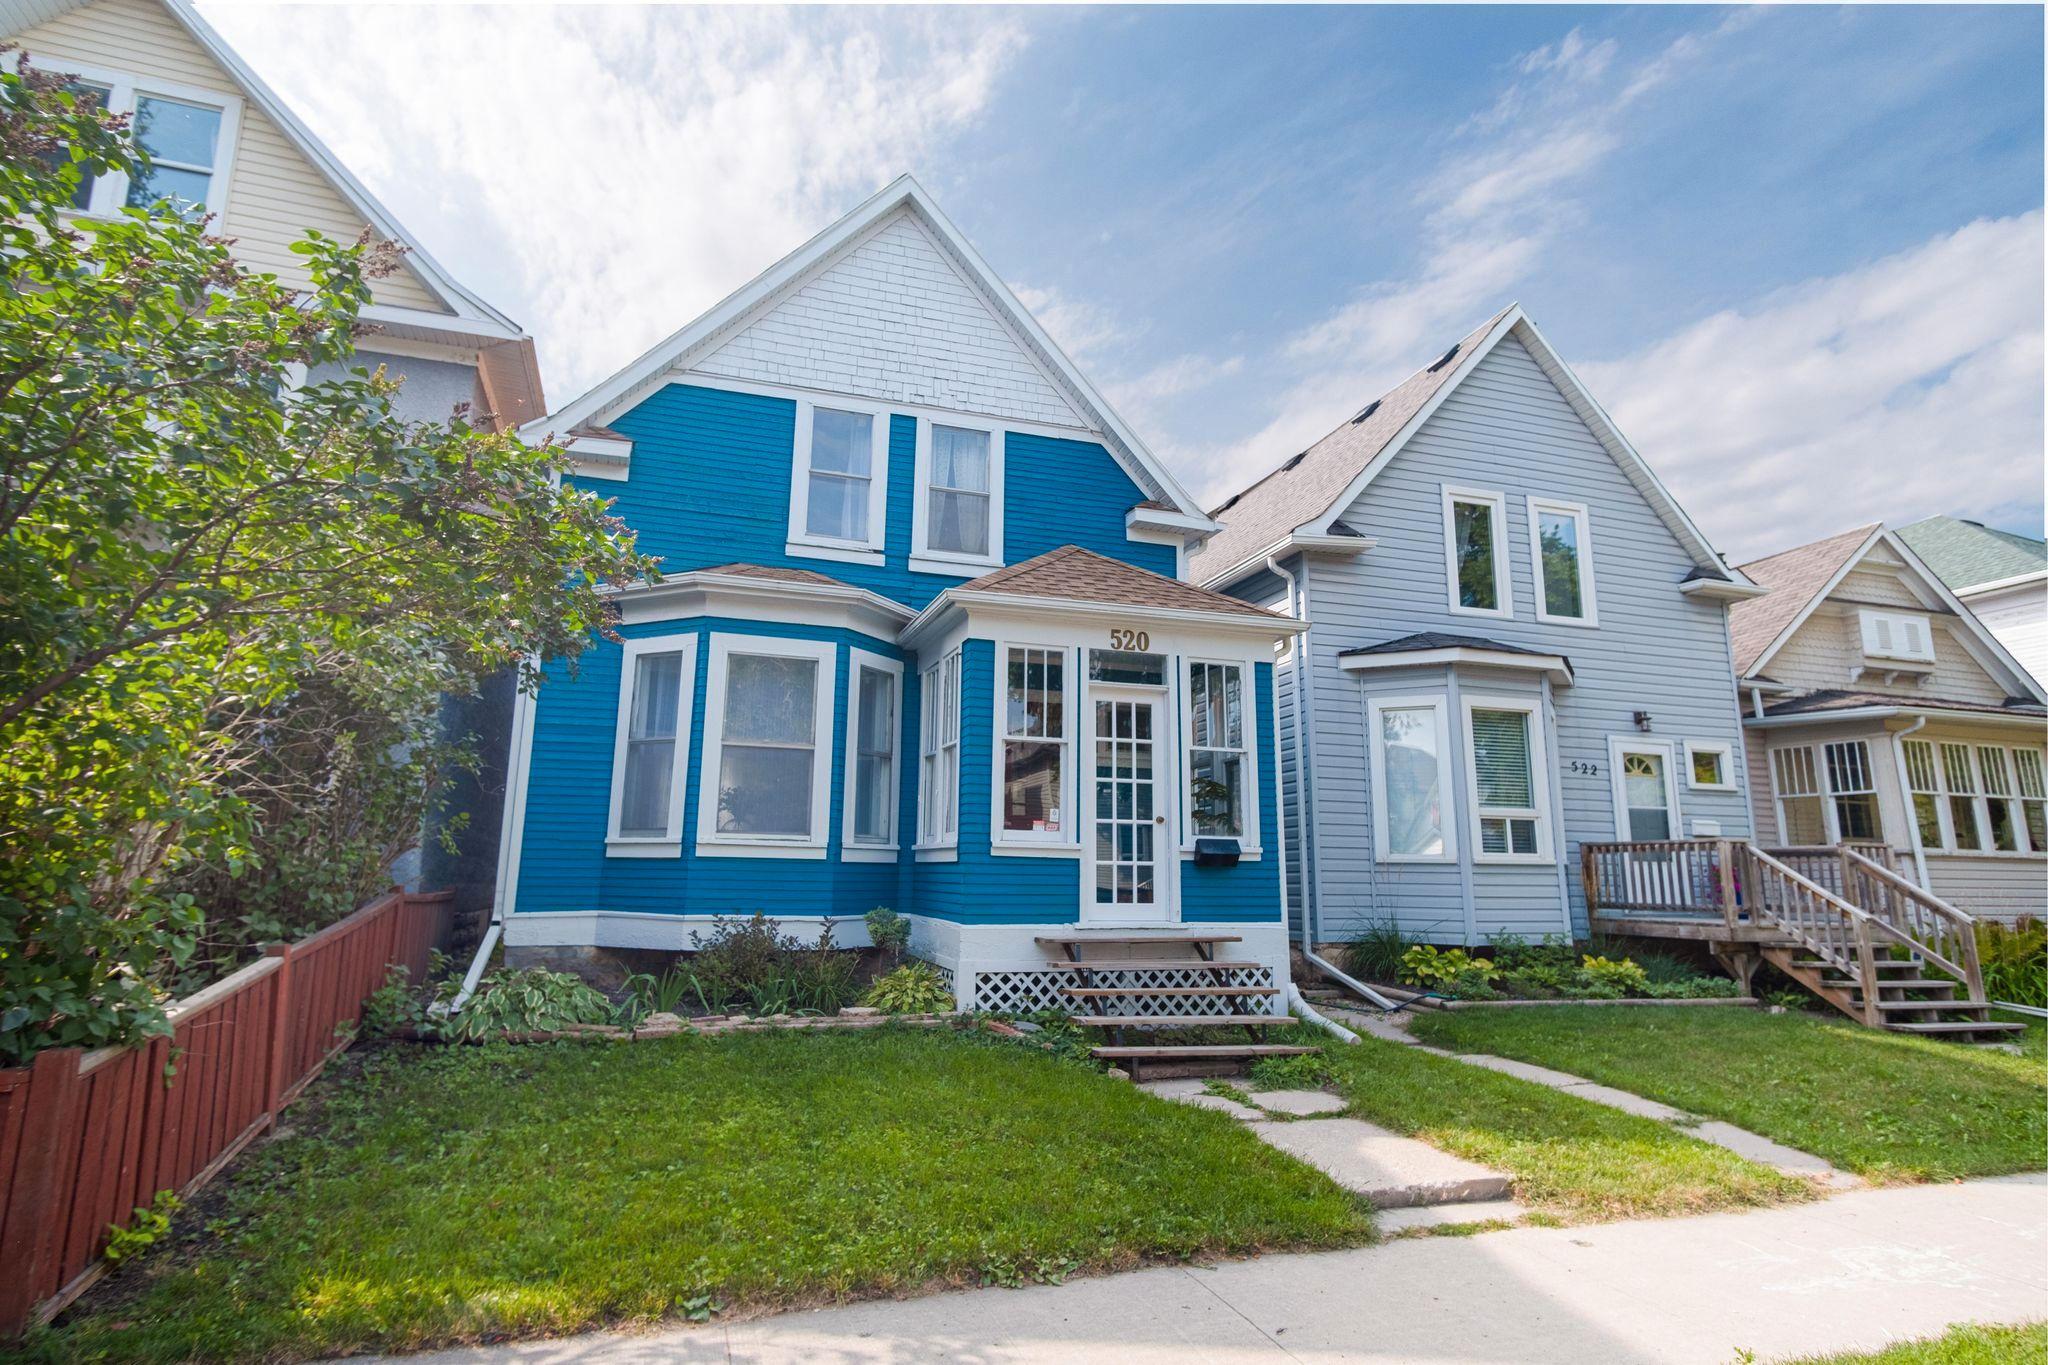 Main Photo: 520 Stiles Street in Winnipeg: Wolseley House for sale (5B)  : MLS®# 202021547